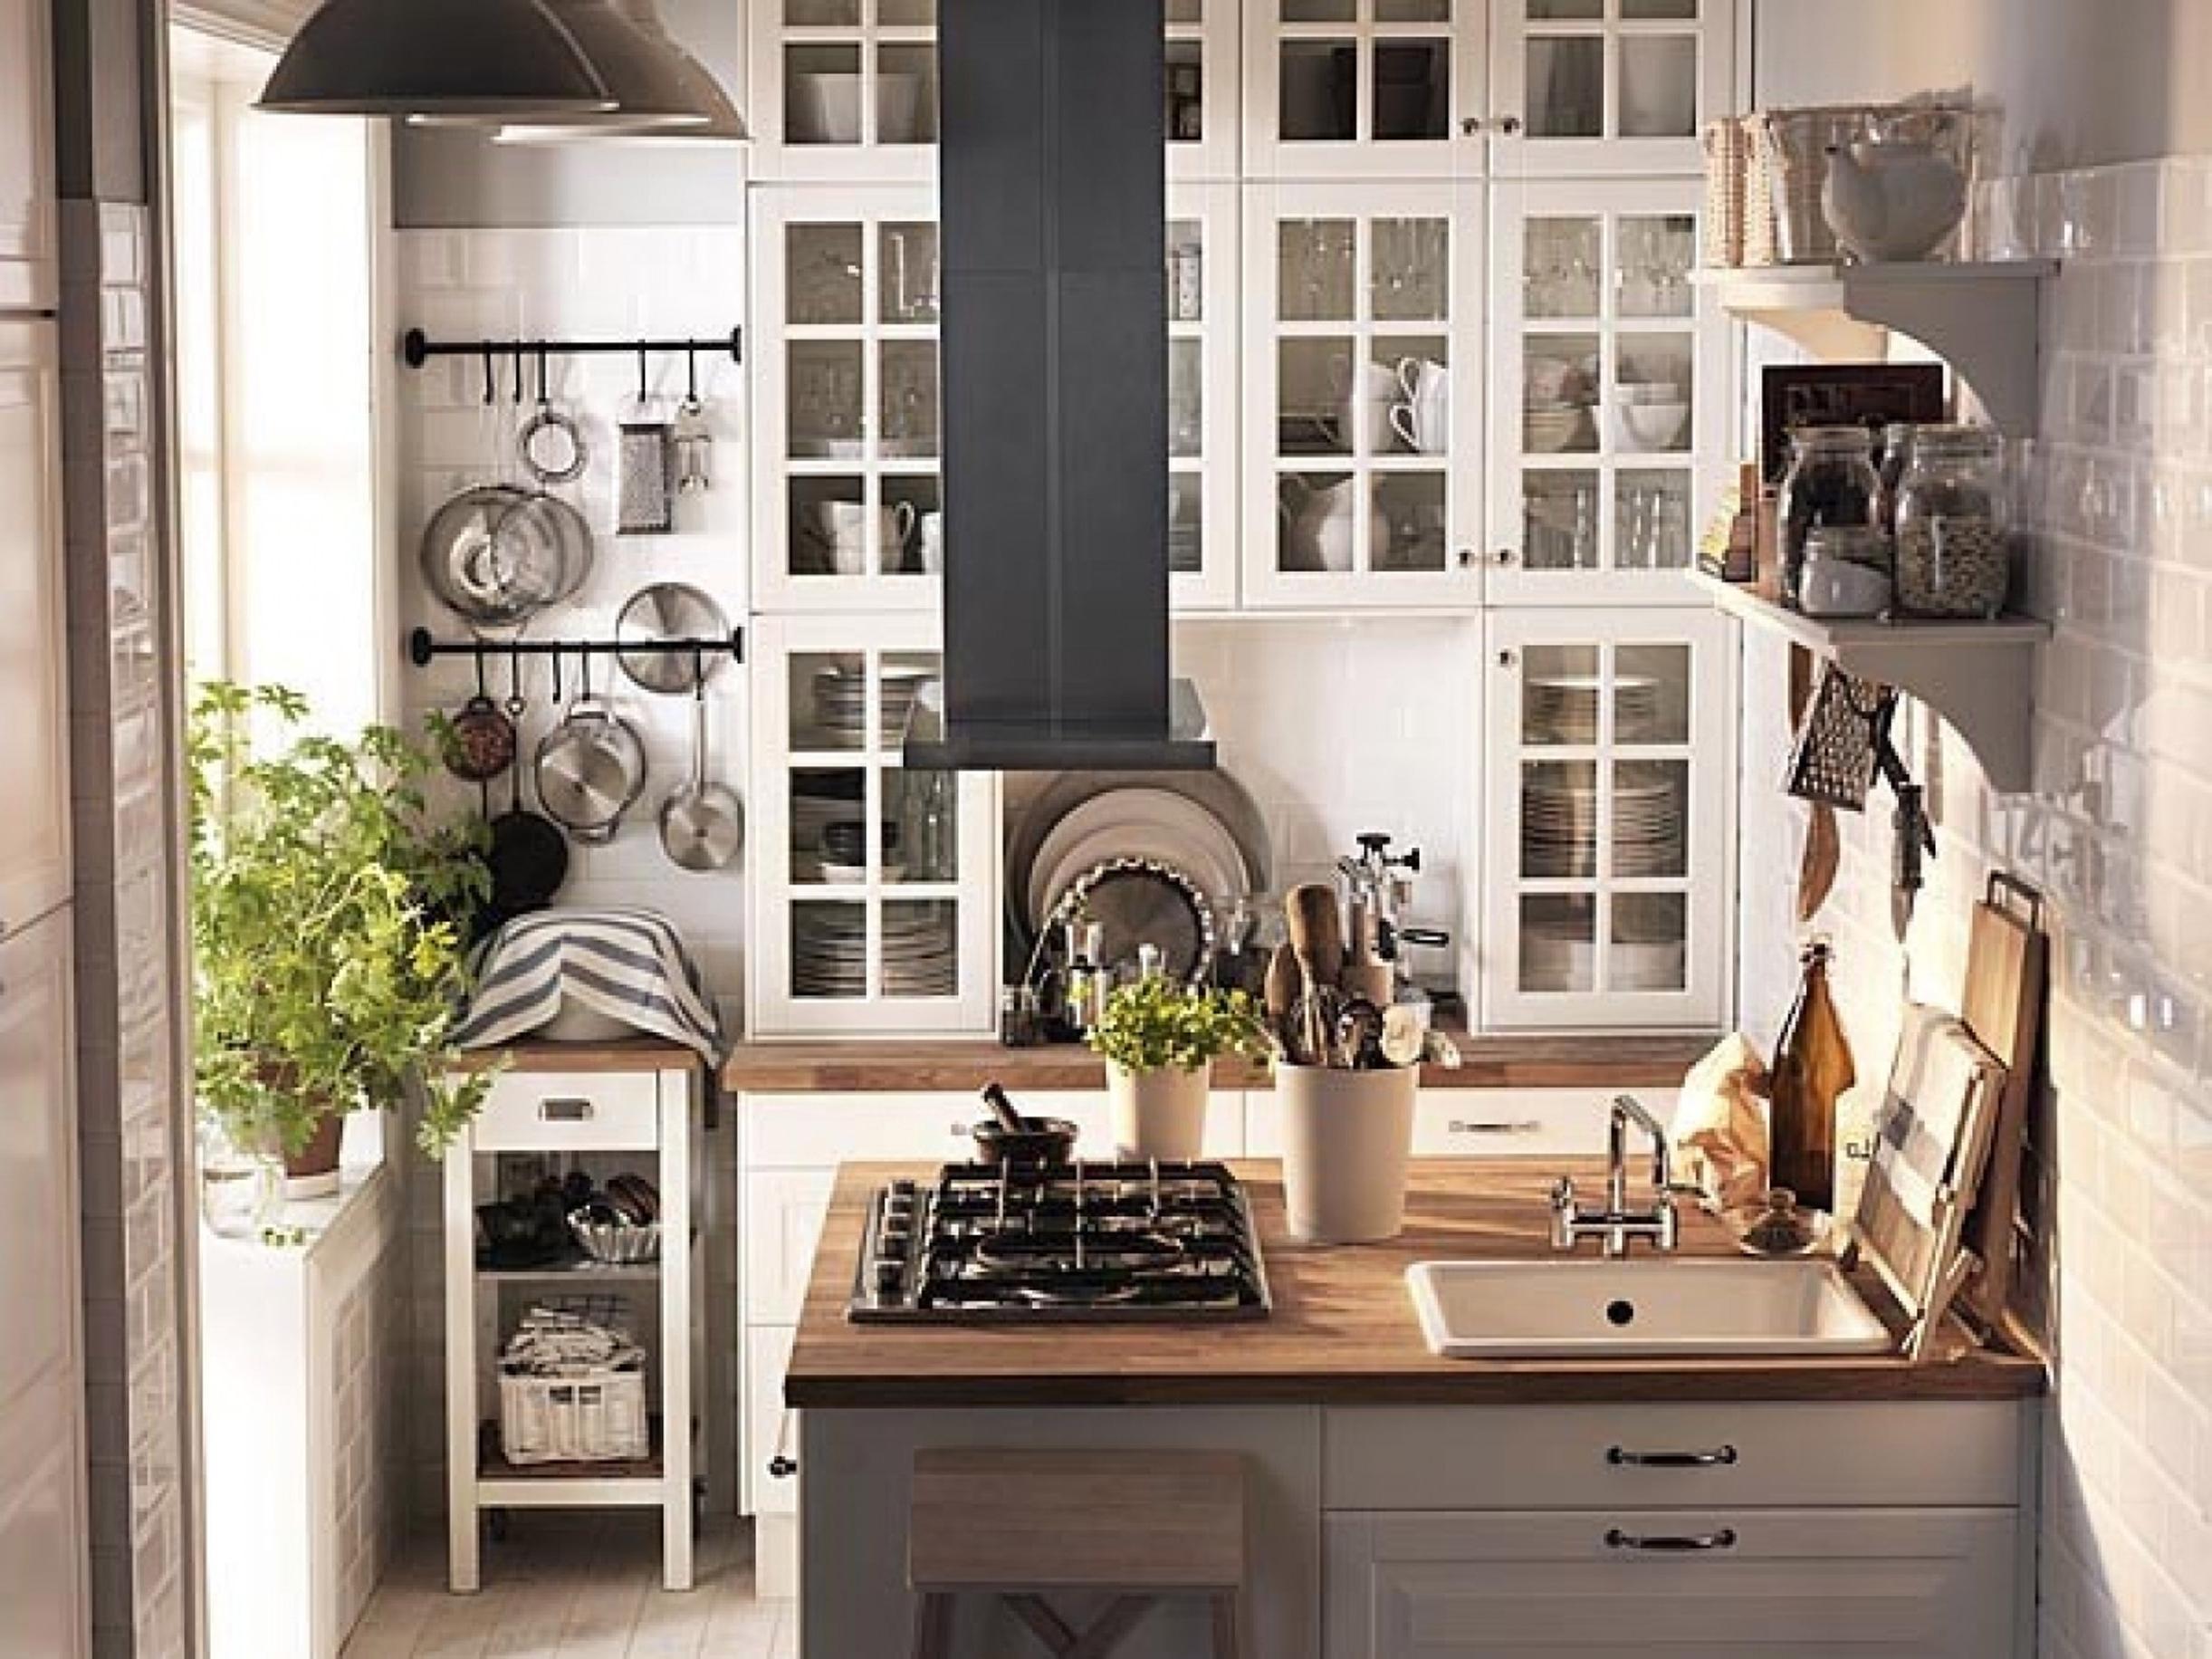 Minimalist Ideas Kitchen Design With Wooden Furniture And White Color Scheme Ideas Minimalist Kitchen Design (View 7 of 25)